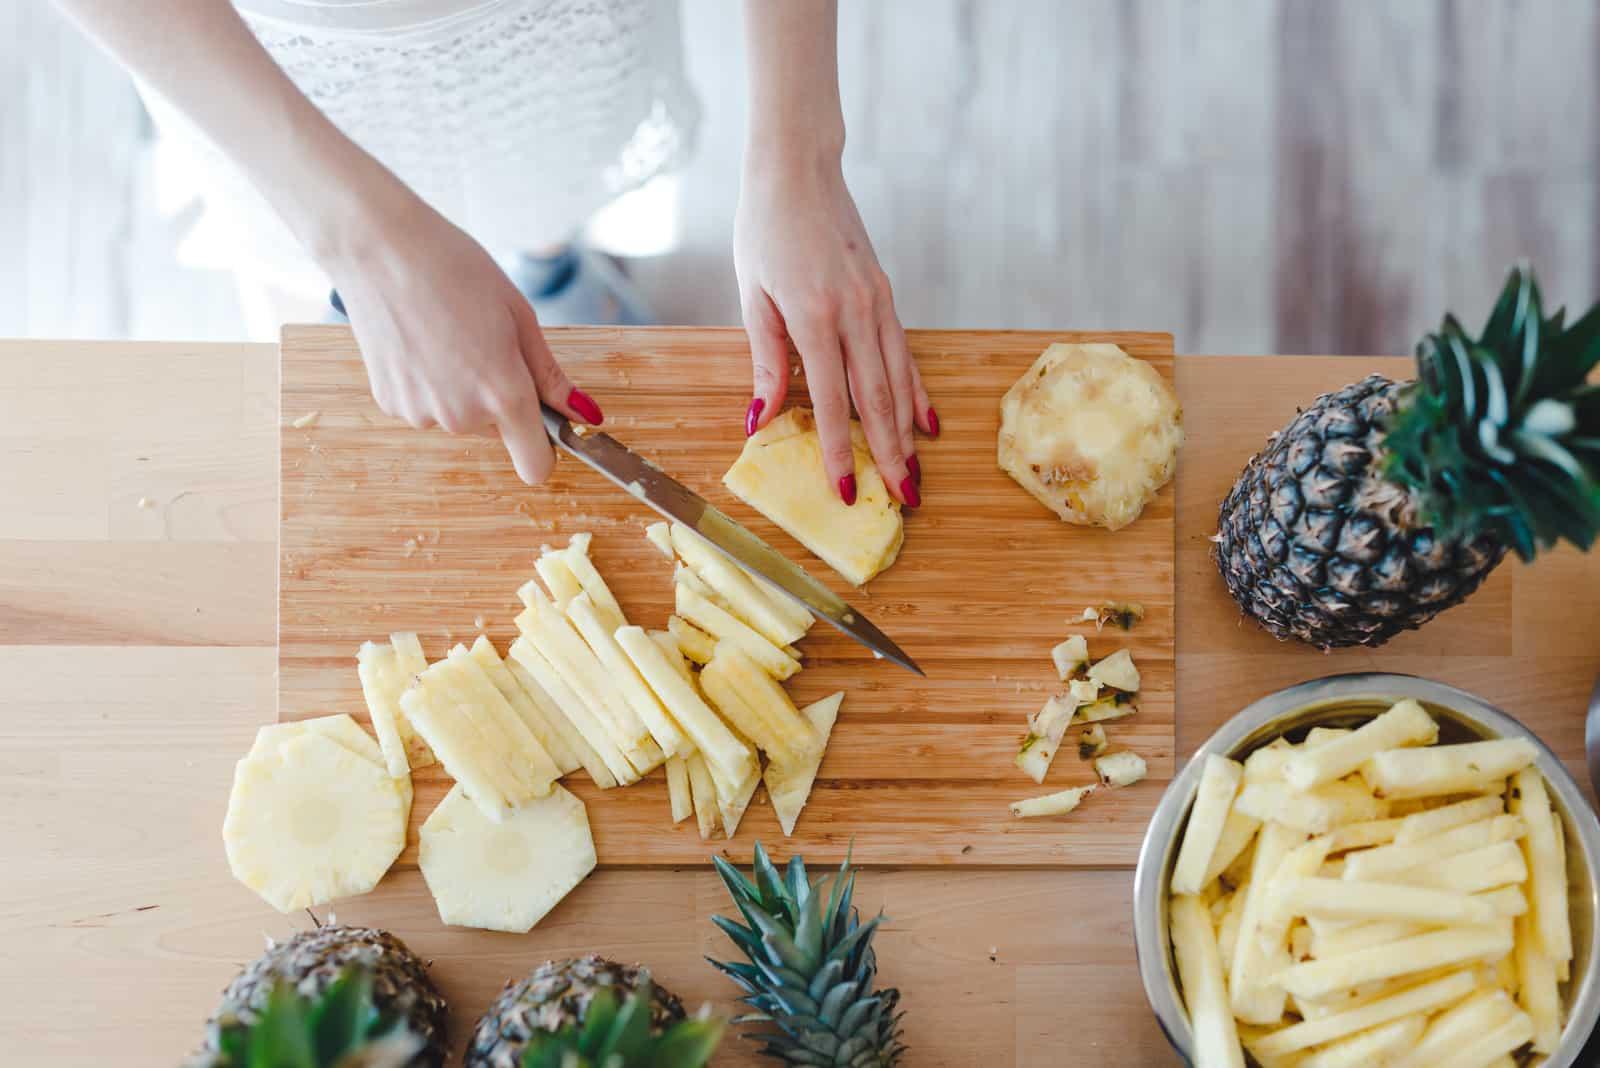 Frau geschnittene Ananas mit einem Messer auf dem Küchentisch